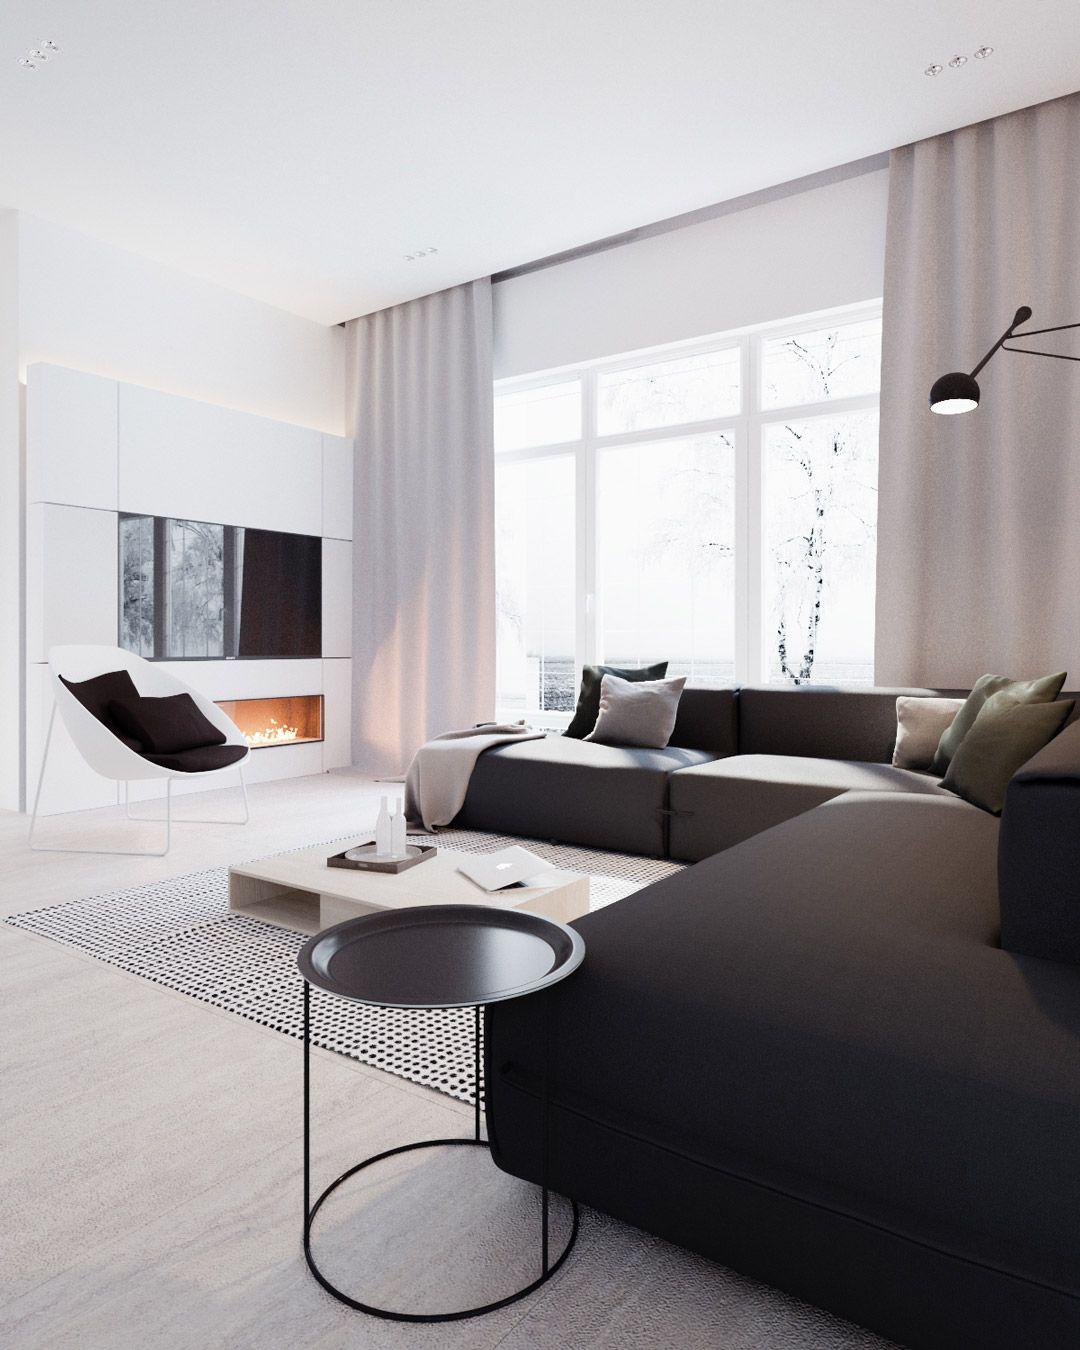 Soggiorni moderni 100 idee e stile per il soggiorno for Salotto arredamento